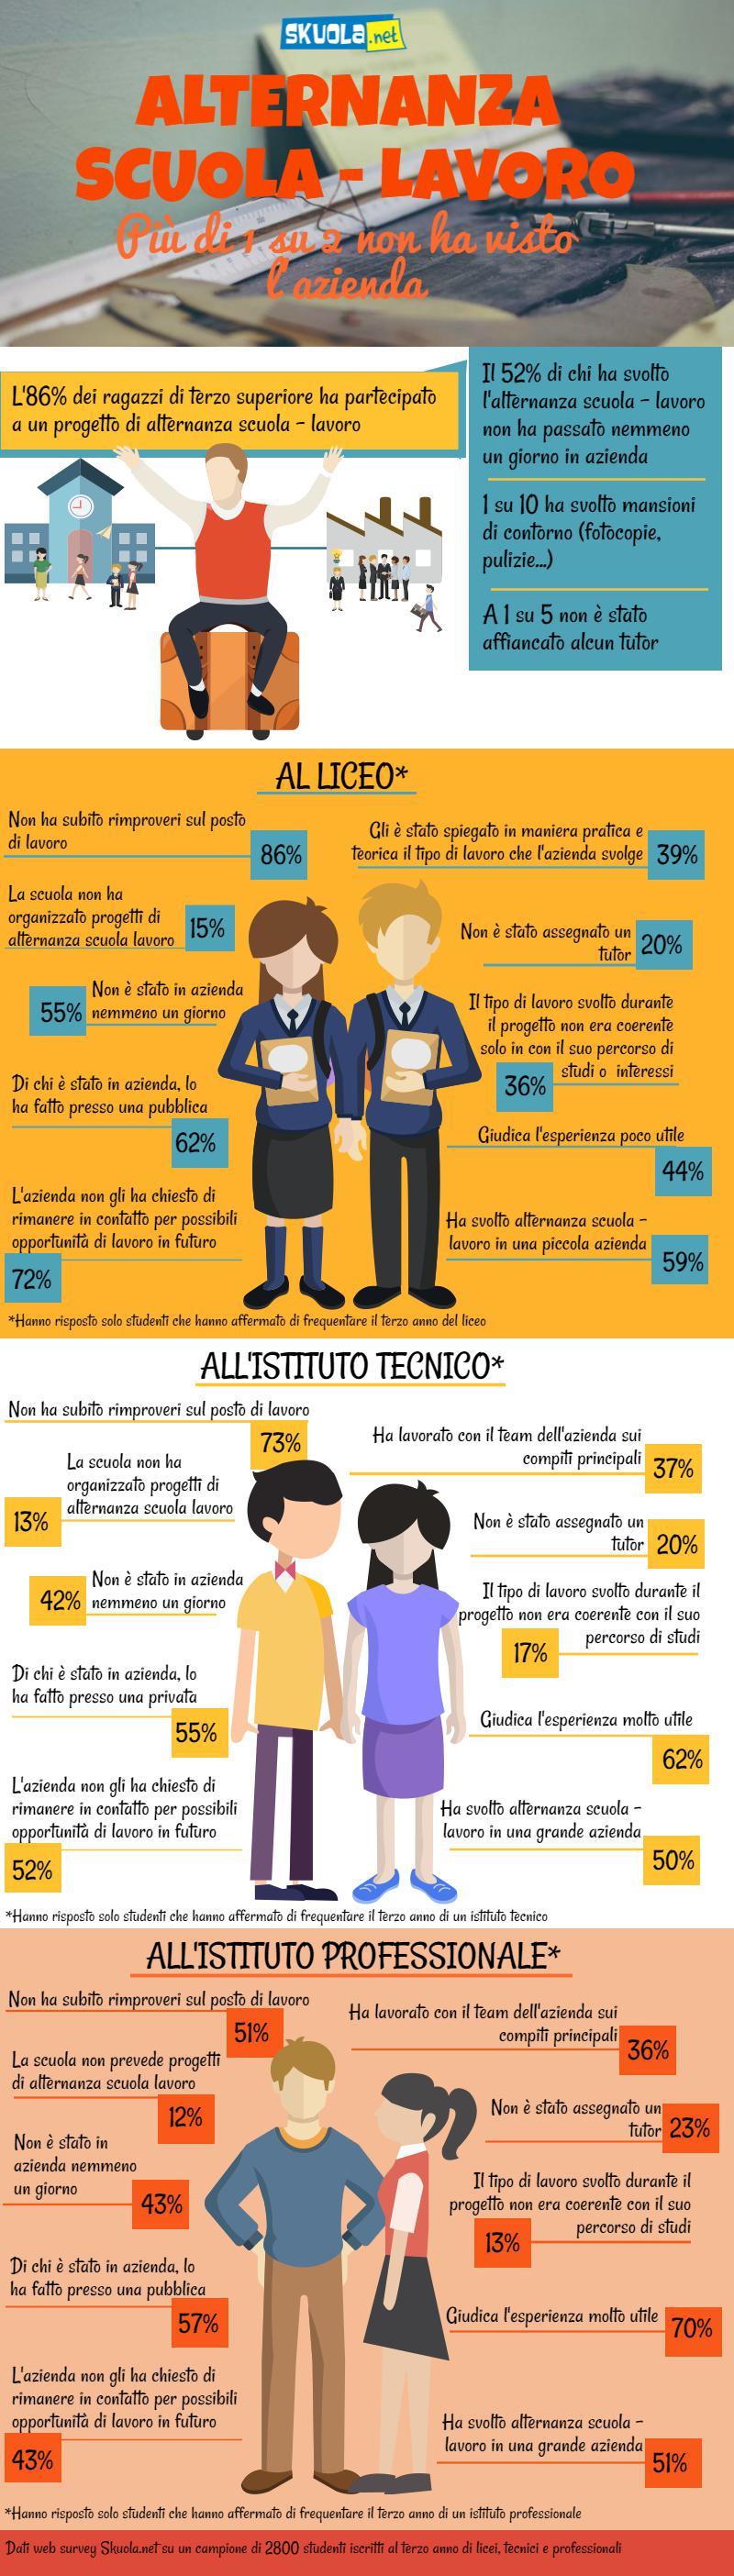 Alternanza Scuola Lavoro - Skuola.net